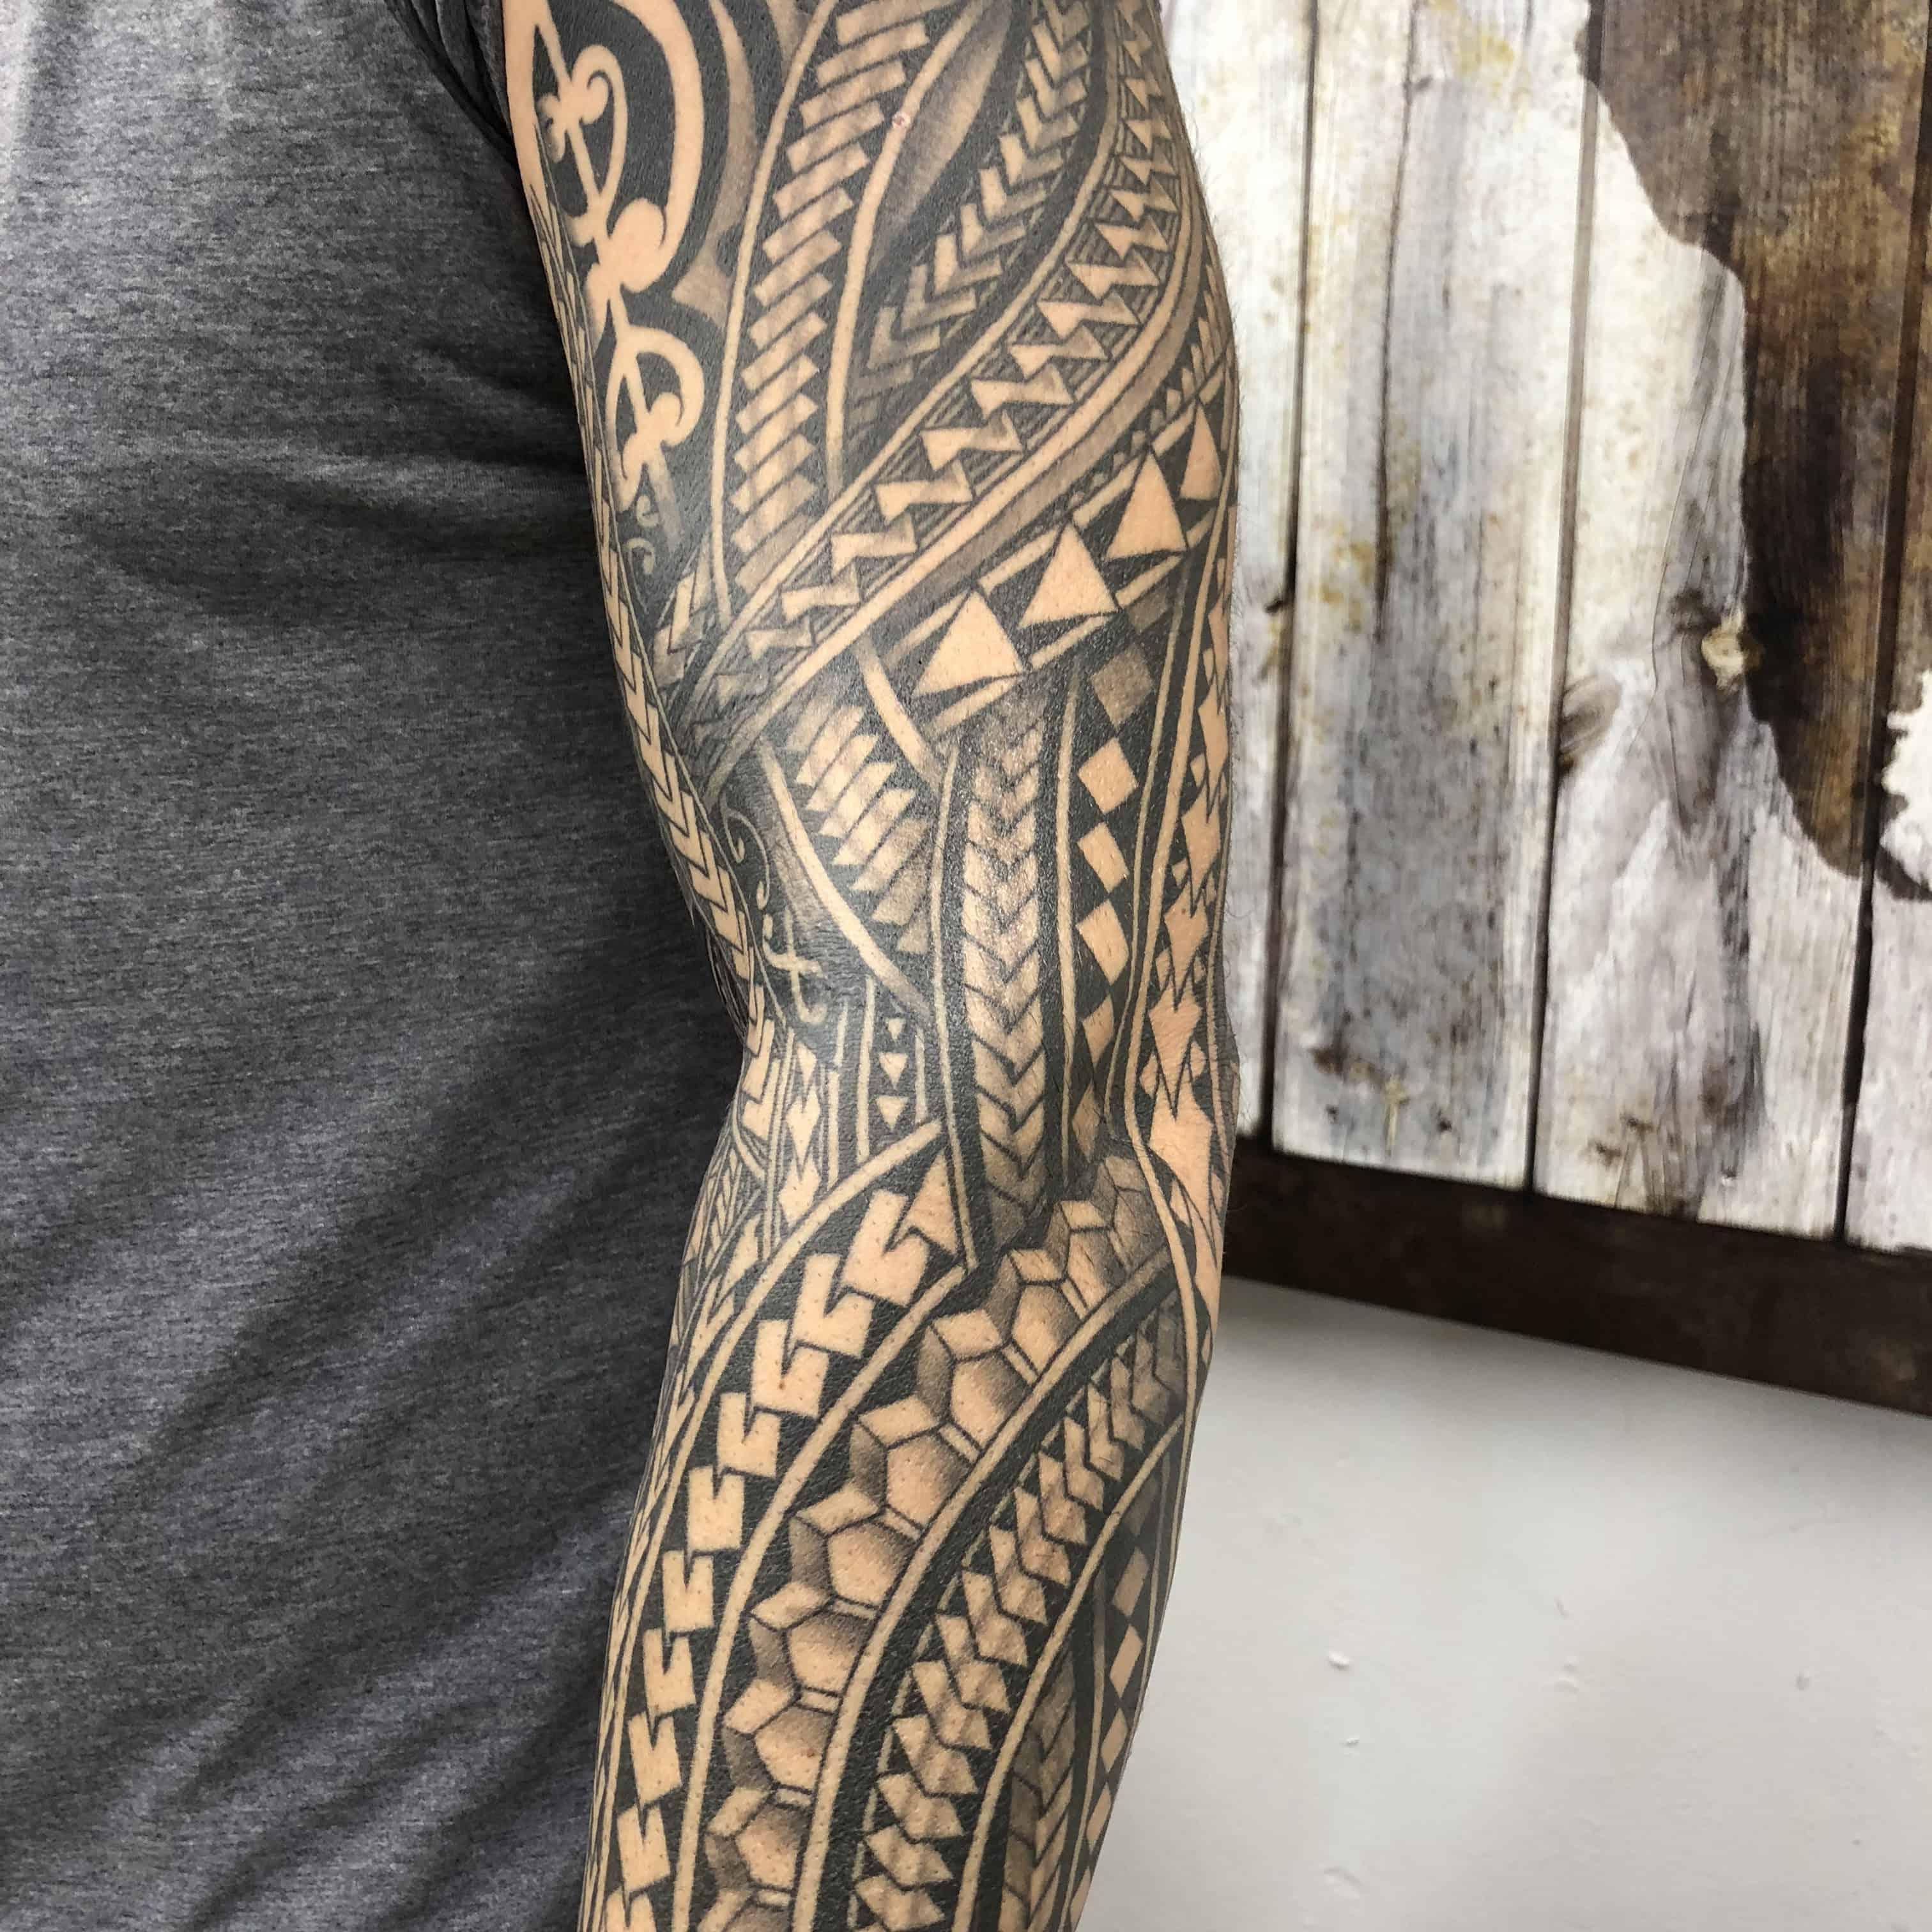 Guam Tribal Tattoo Designs